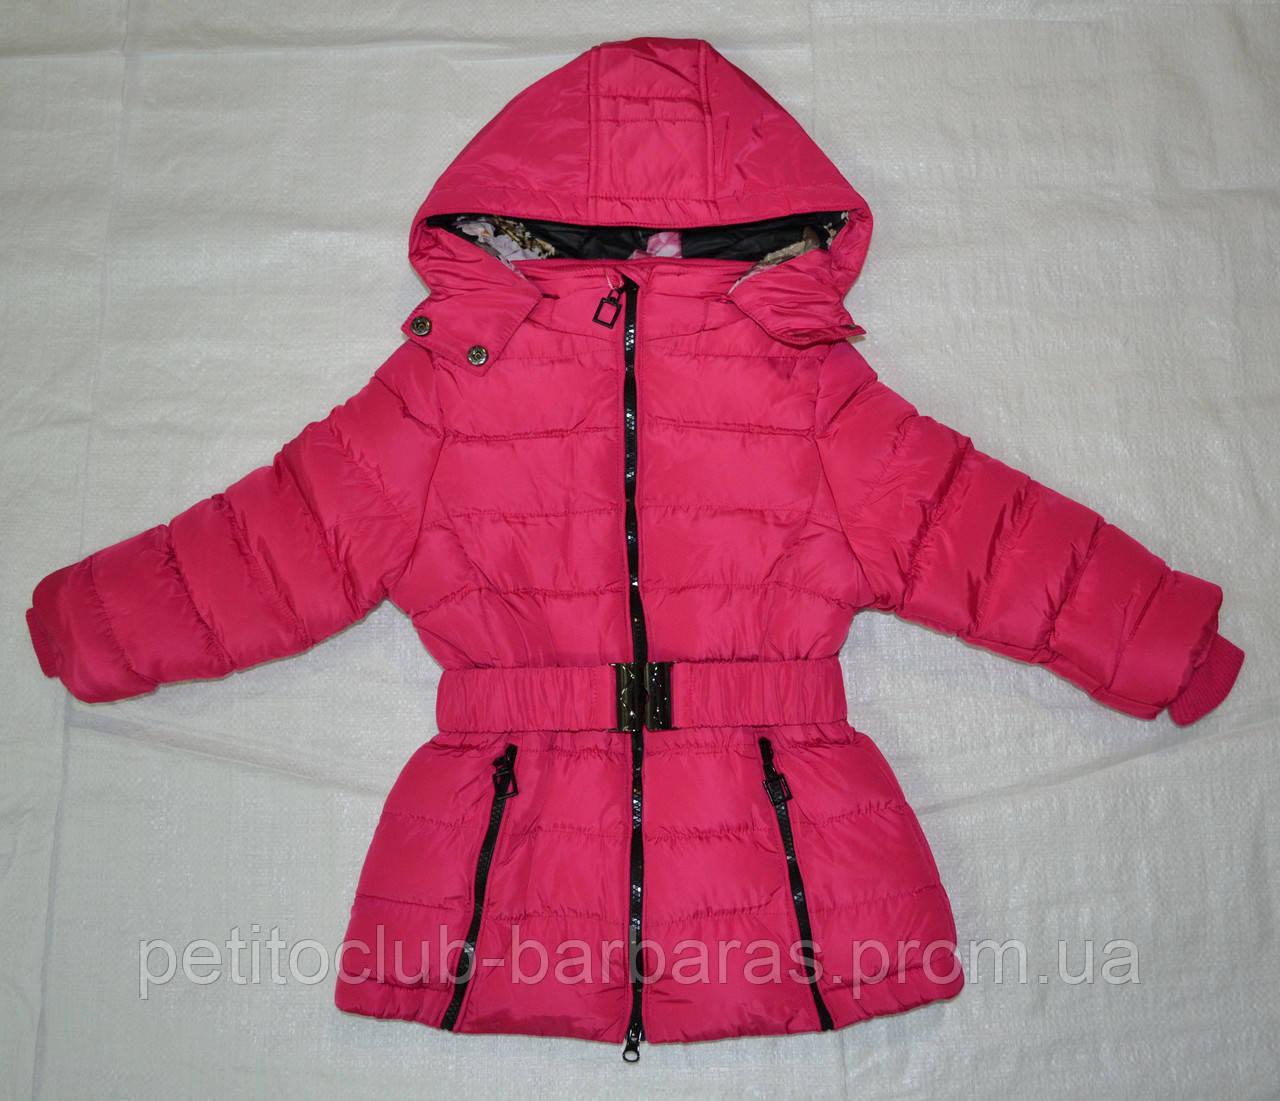 Детская зимняя куртка для девочки фуксия  (Nature, Венгрия)